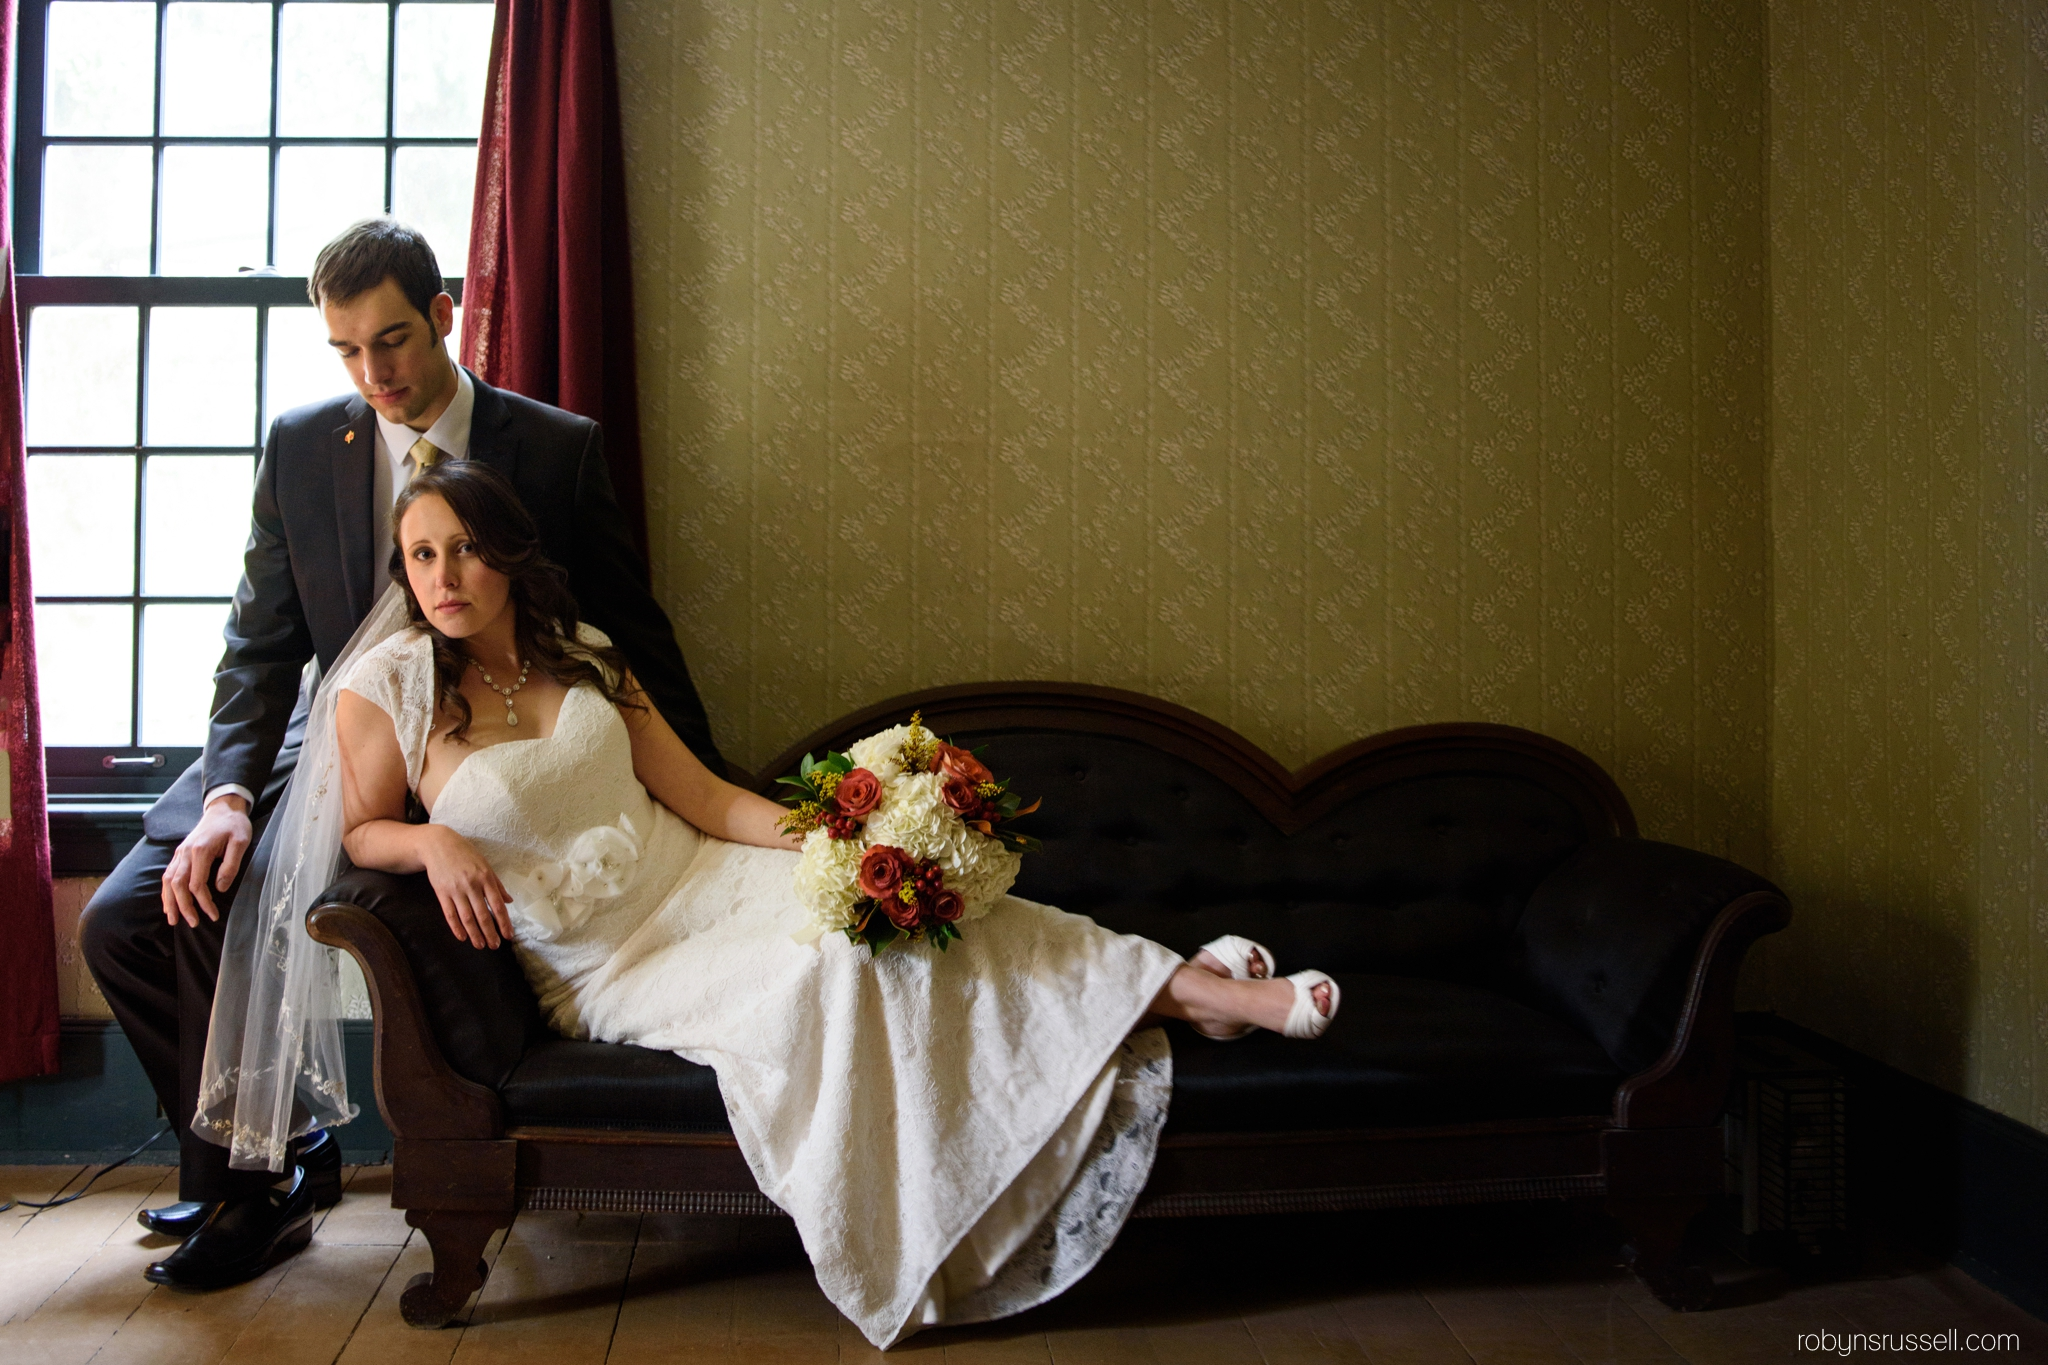 38-bride-and-groom-vintage-portrait-bradley-house.jpg